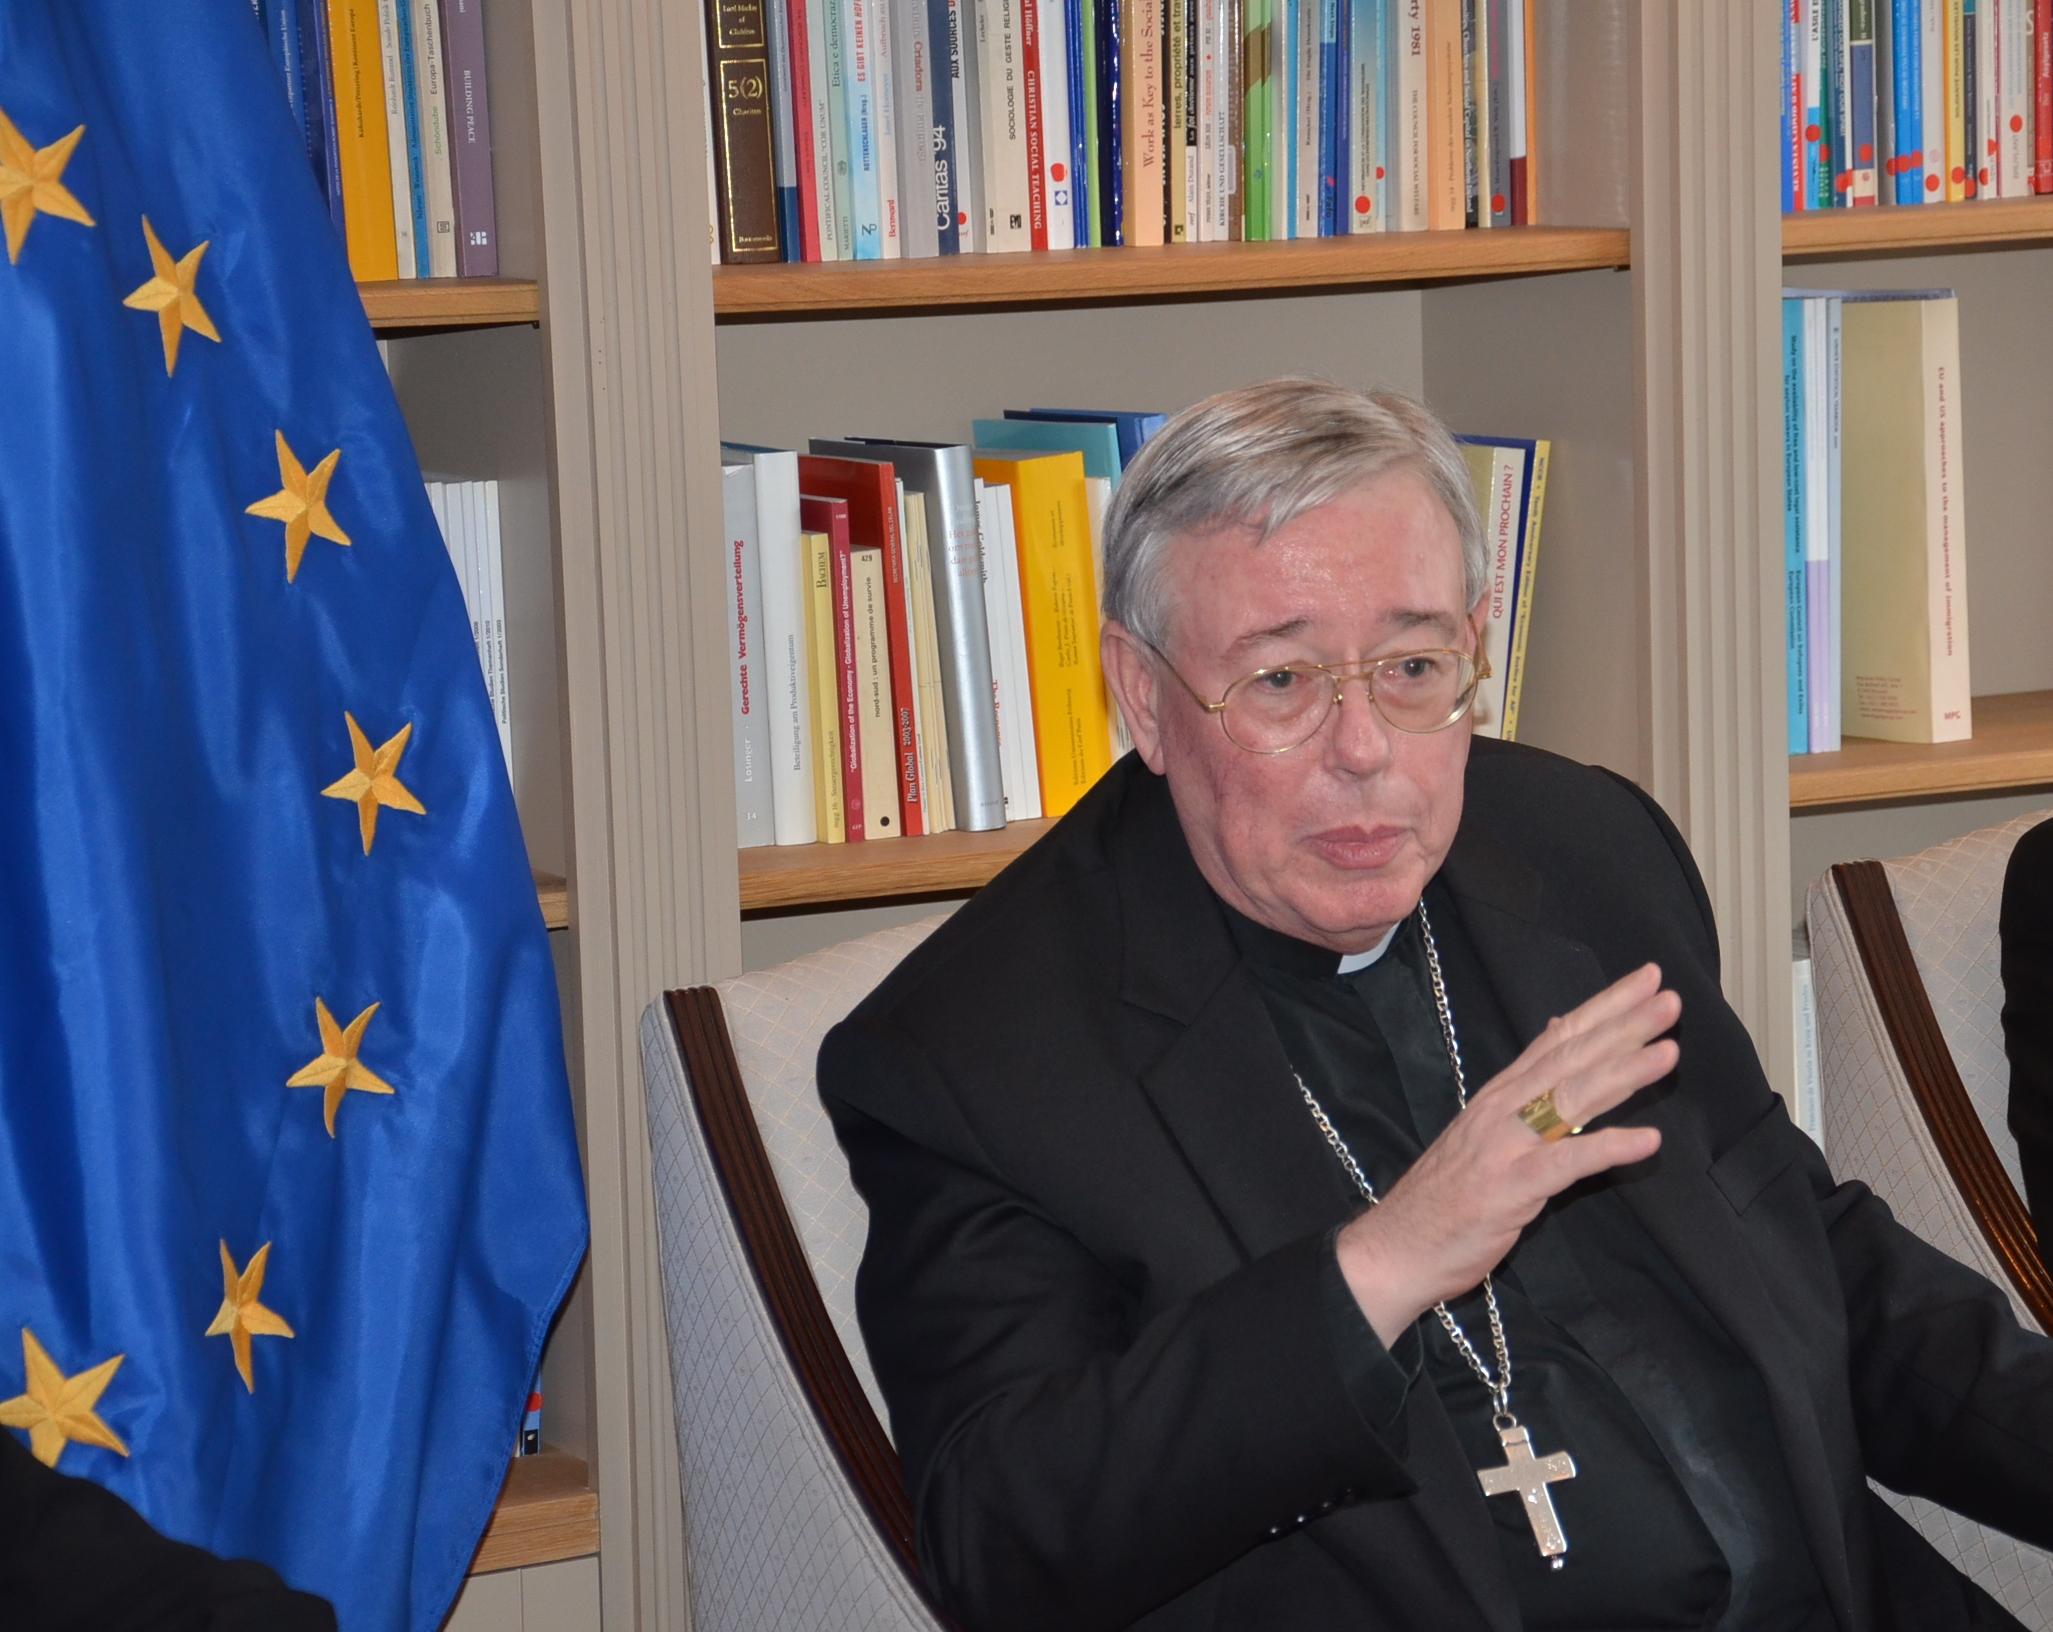 Mgr. Jean-Claude Hollerich, aartsbisschop van Luxemburg en voorzitter van COMECE © Hellen Mardaga